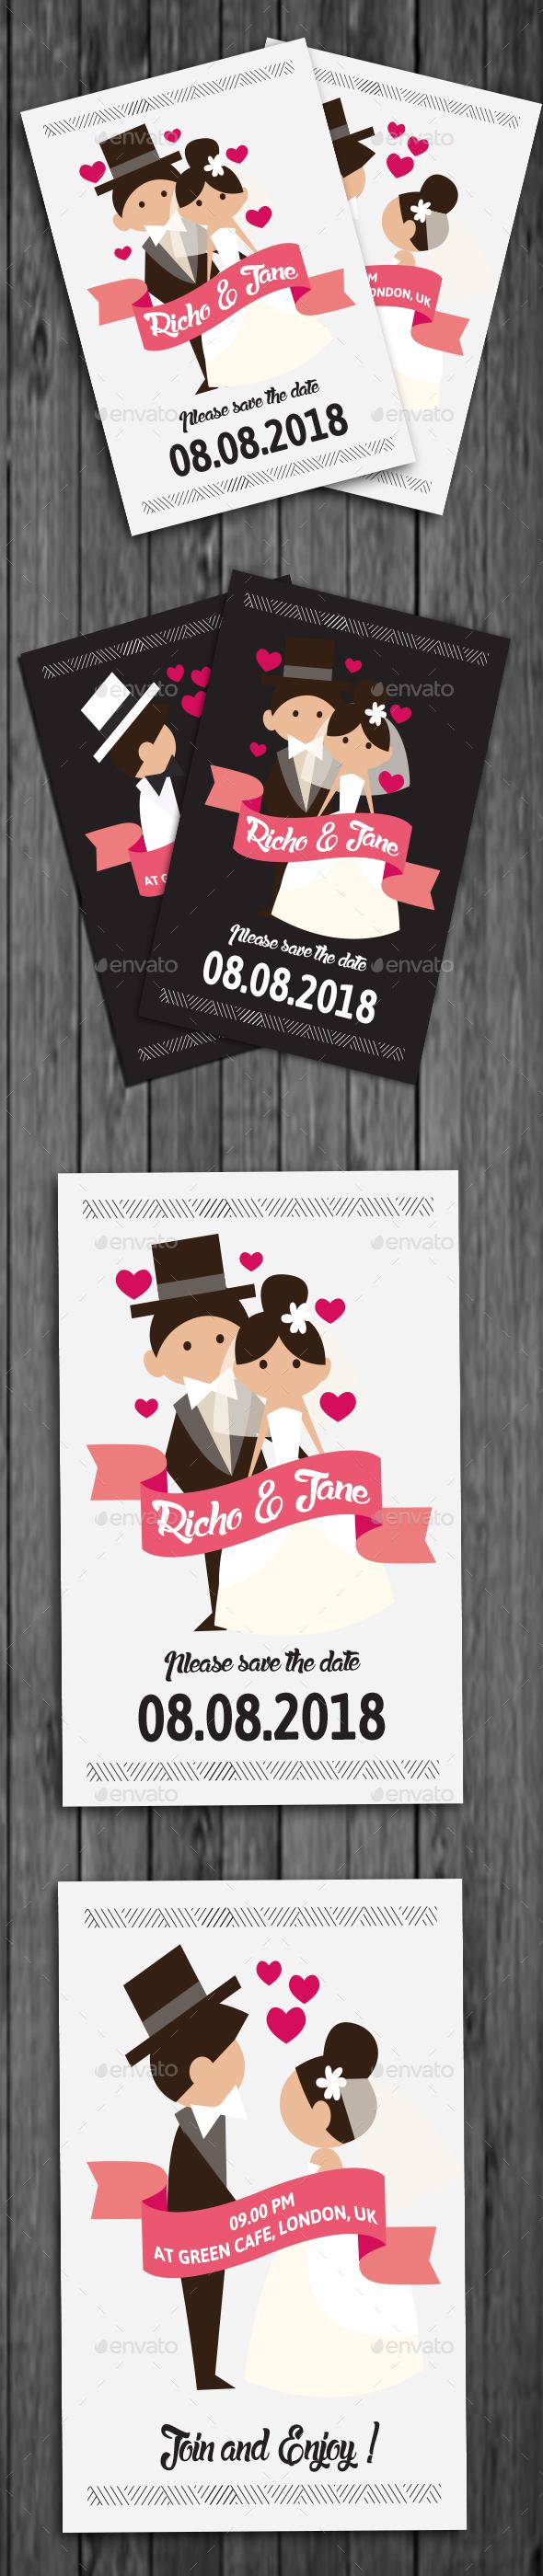 Unique Wedding Invitation - Weddings Cards & Invites